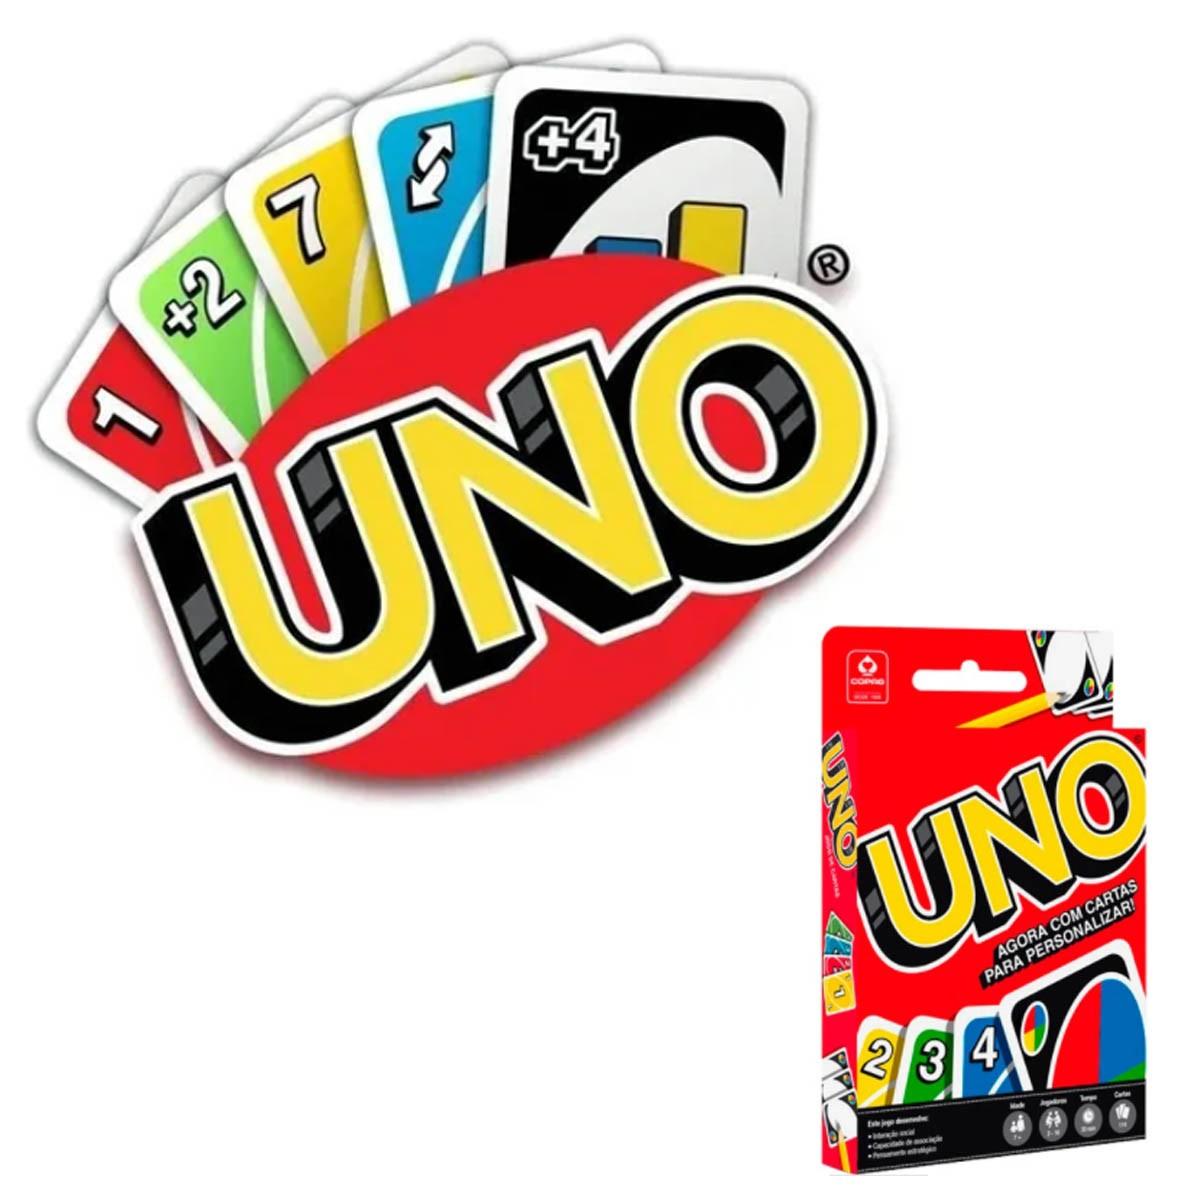 Jogo de Cartas Uno com cartas para personalizar com 114 Cartas